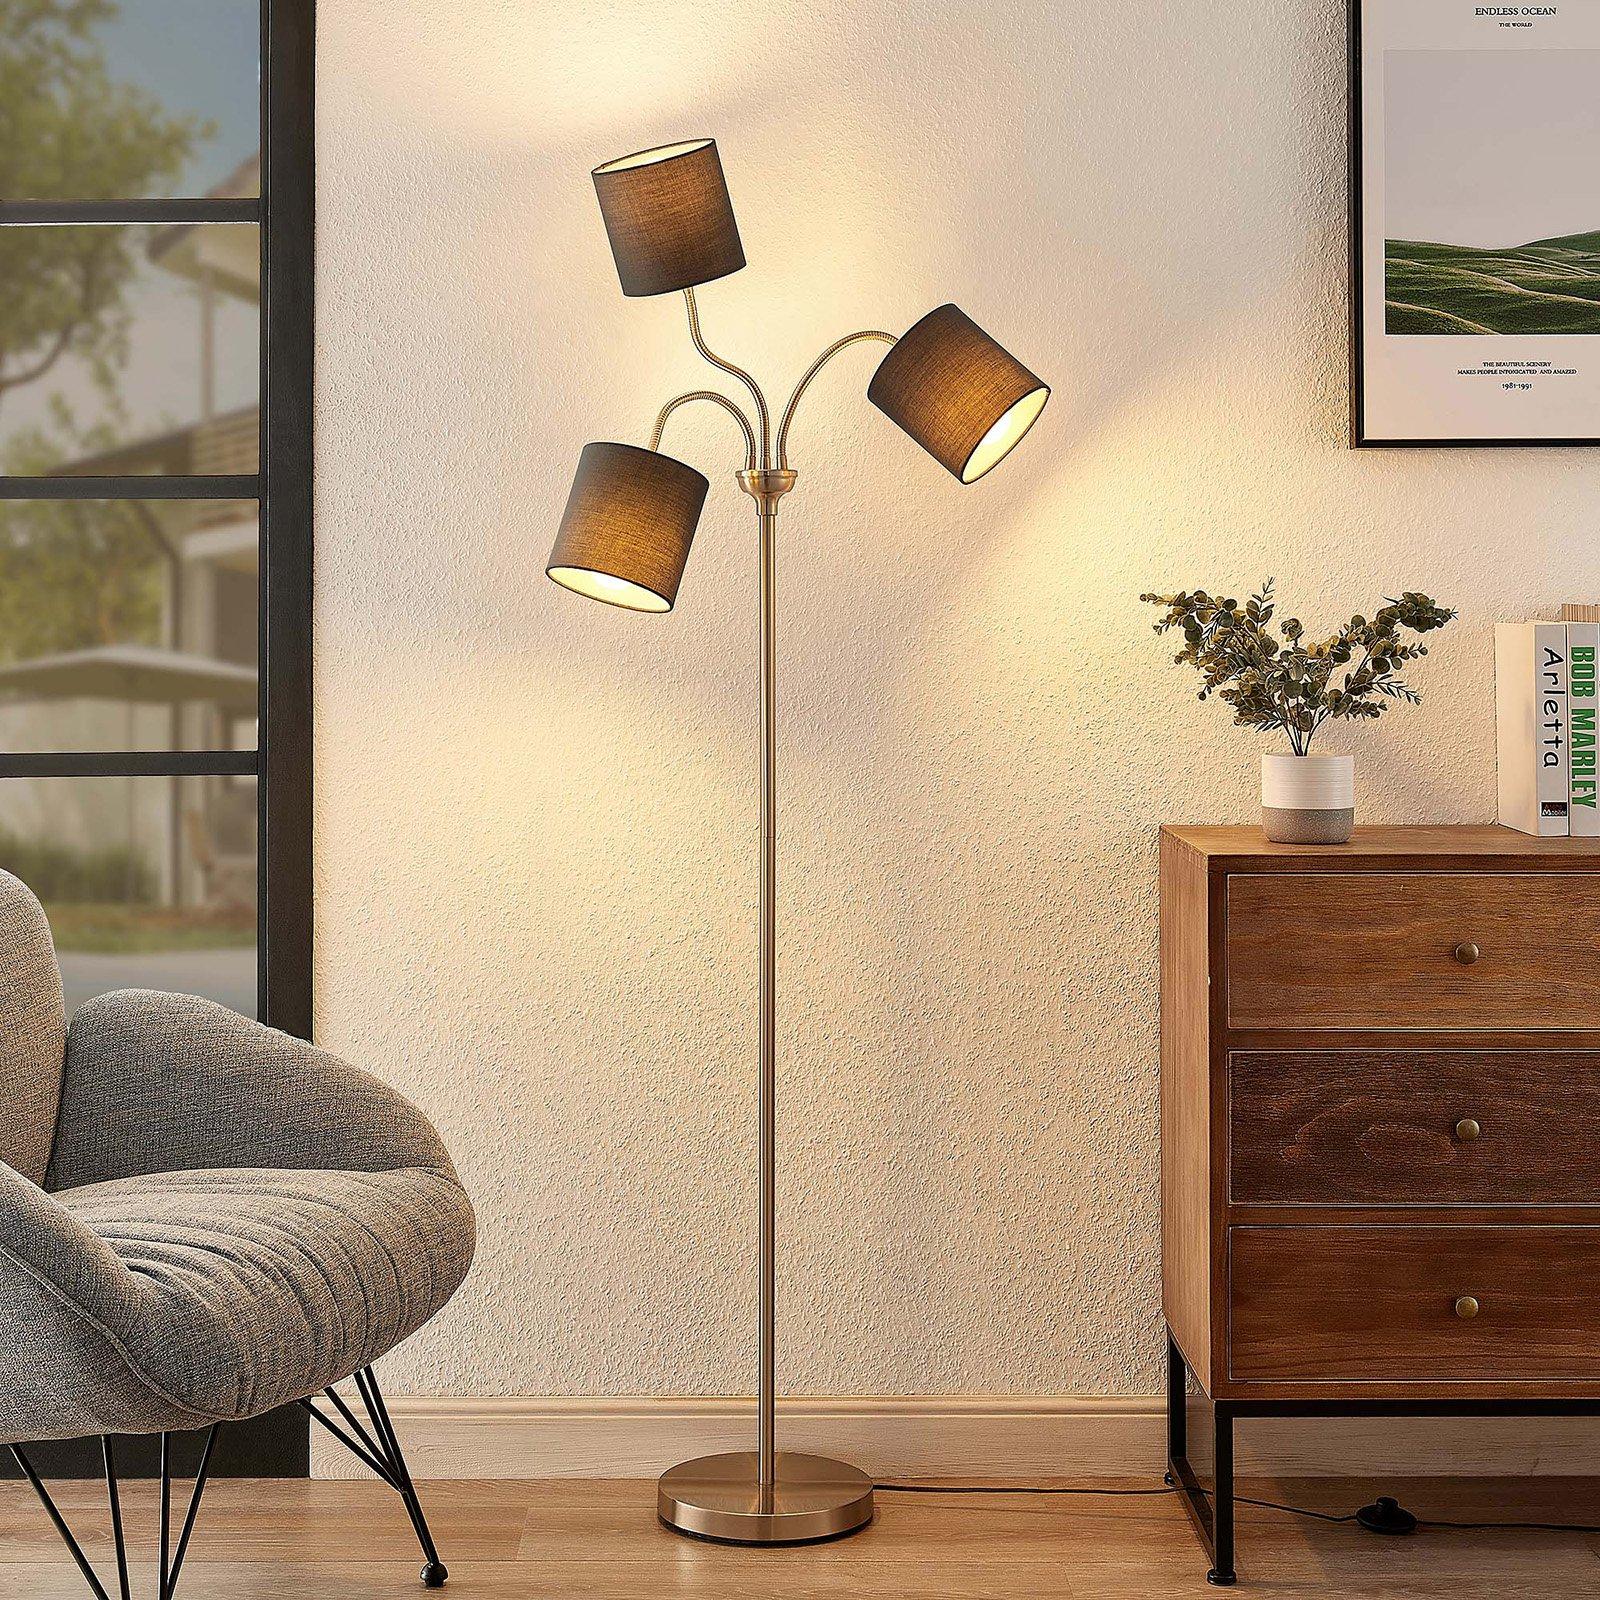 Lindby Manu-gulvlampe, stoff, 3 lyskilder, grå